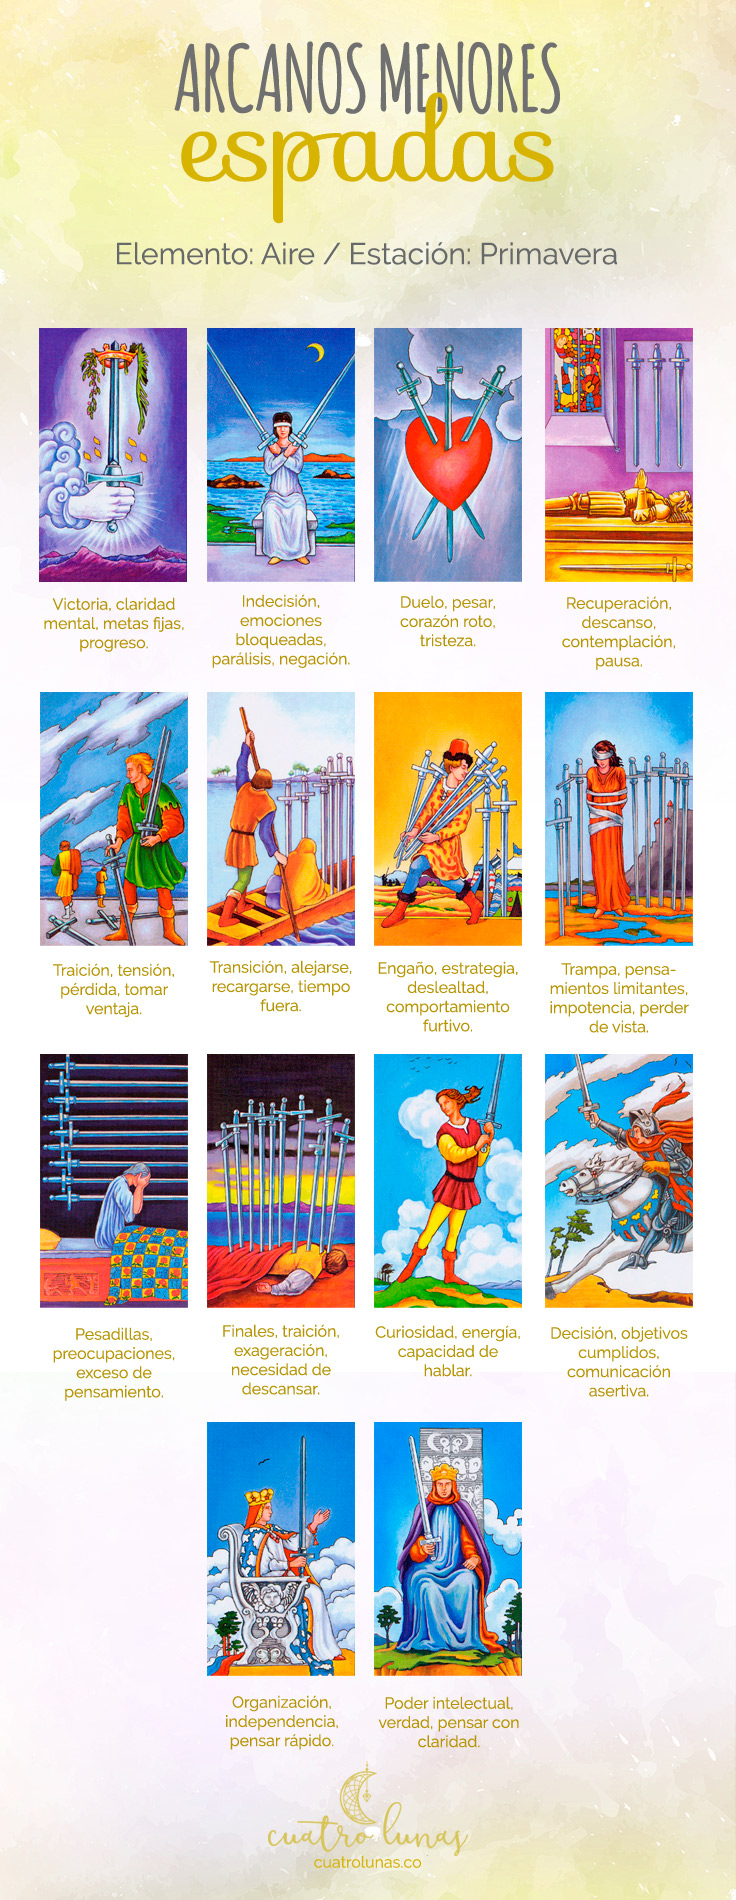 Arcanos Menores del Tarot Espadas